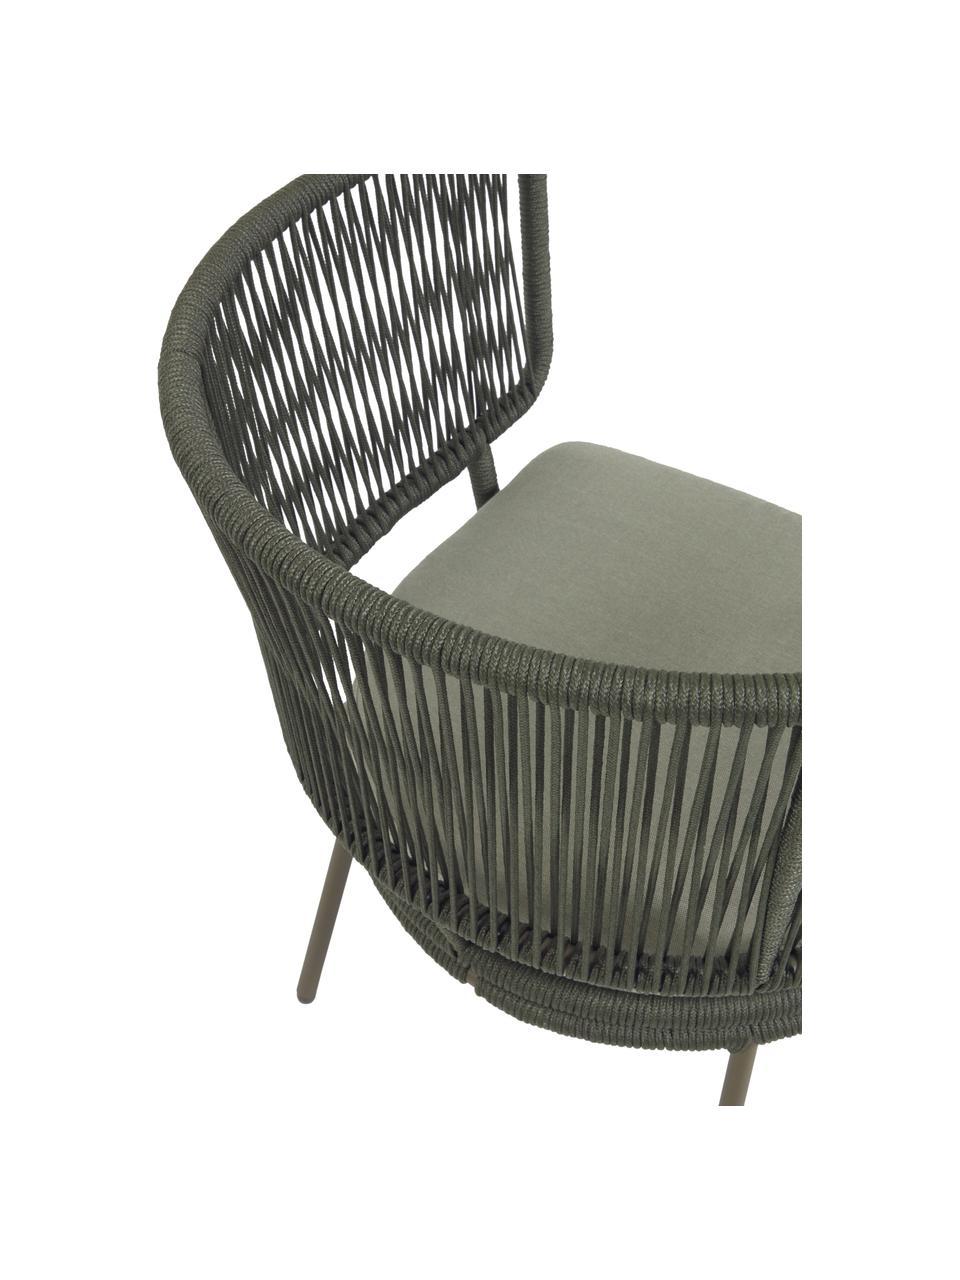 Garten-Loungesessel Nadin, Gestell: Metall, verzinkt und lack, Bezug: Polyester, Grün, B 74 x T 65 cm